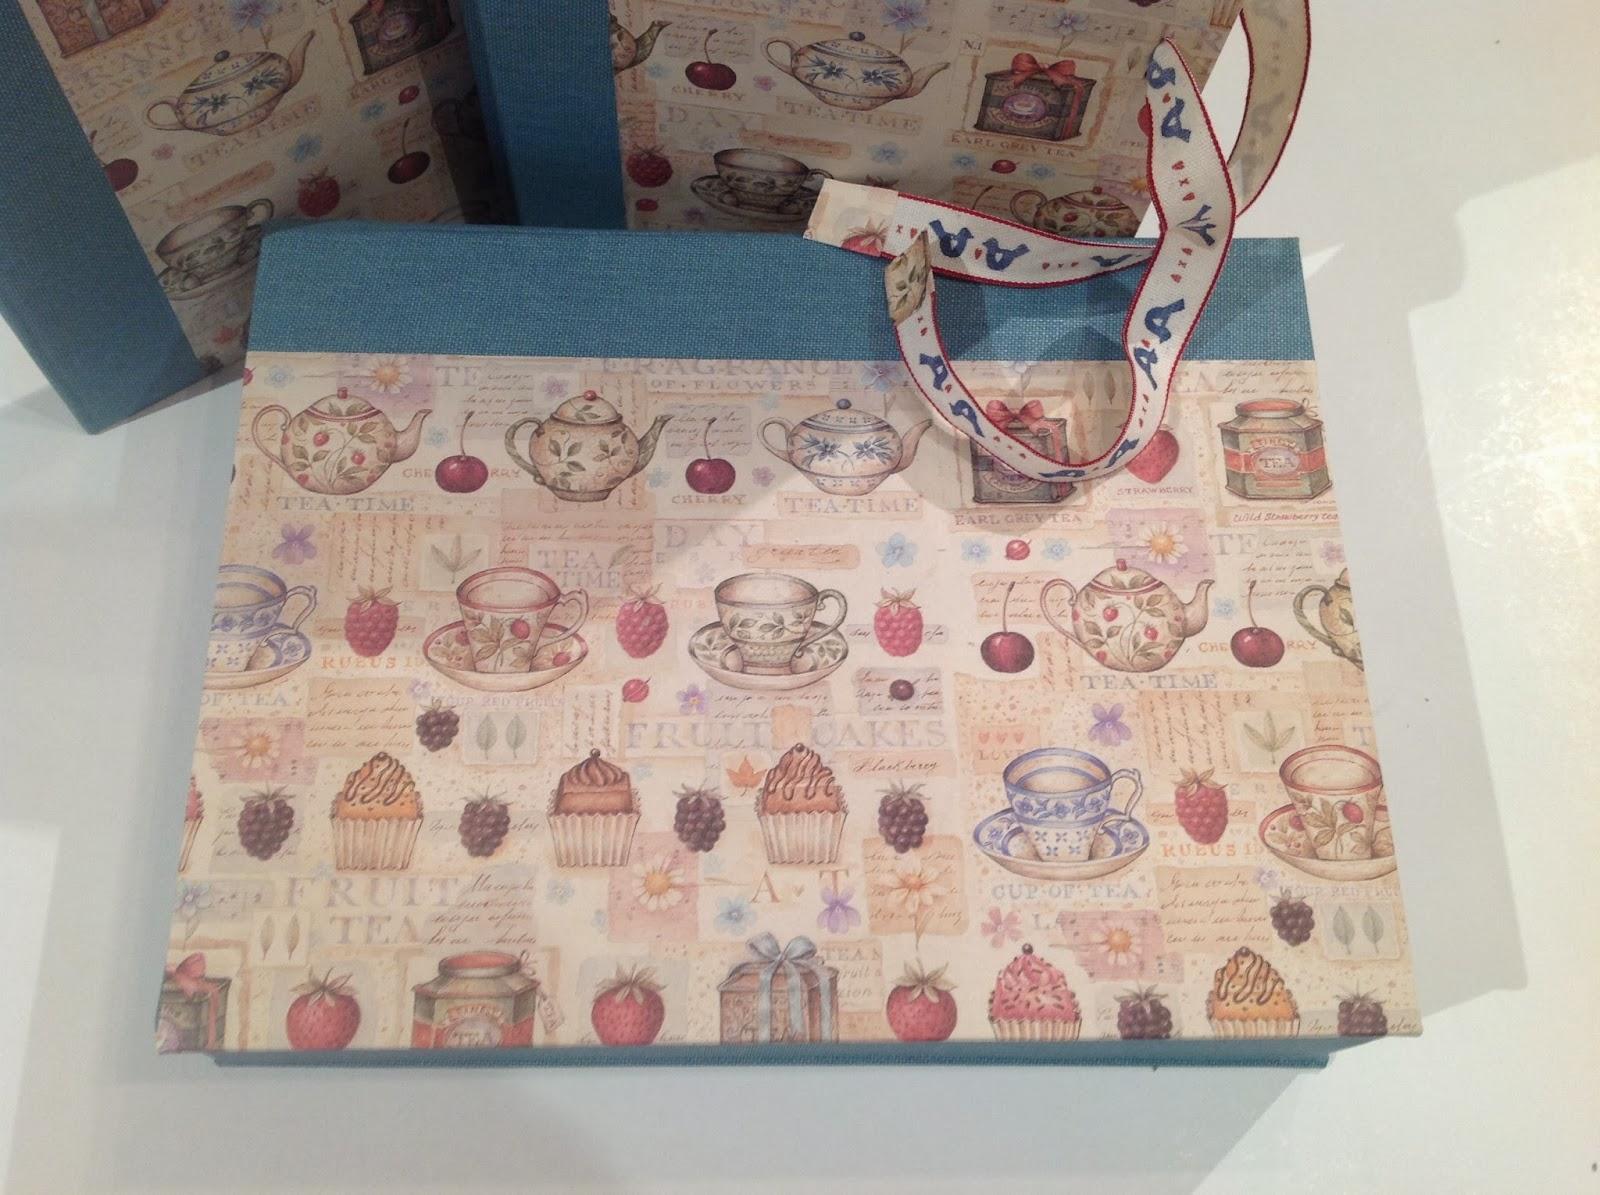 Cartonnage en el taller de curra ideas regalo para - Cajas para cocina ...